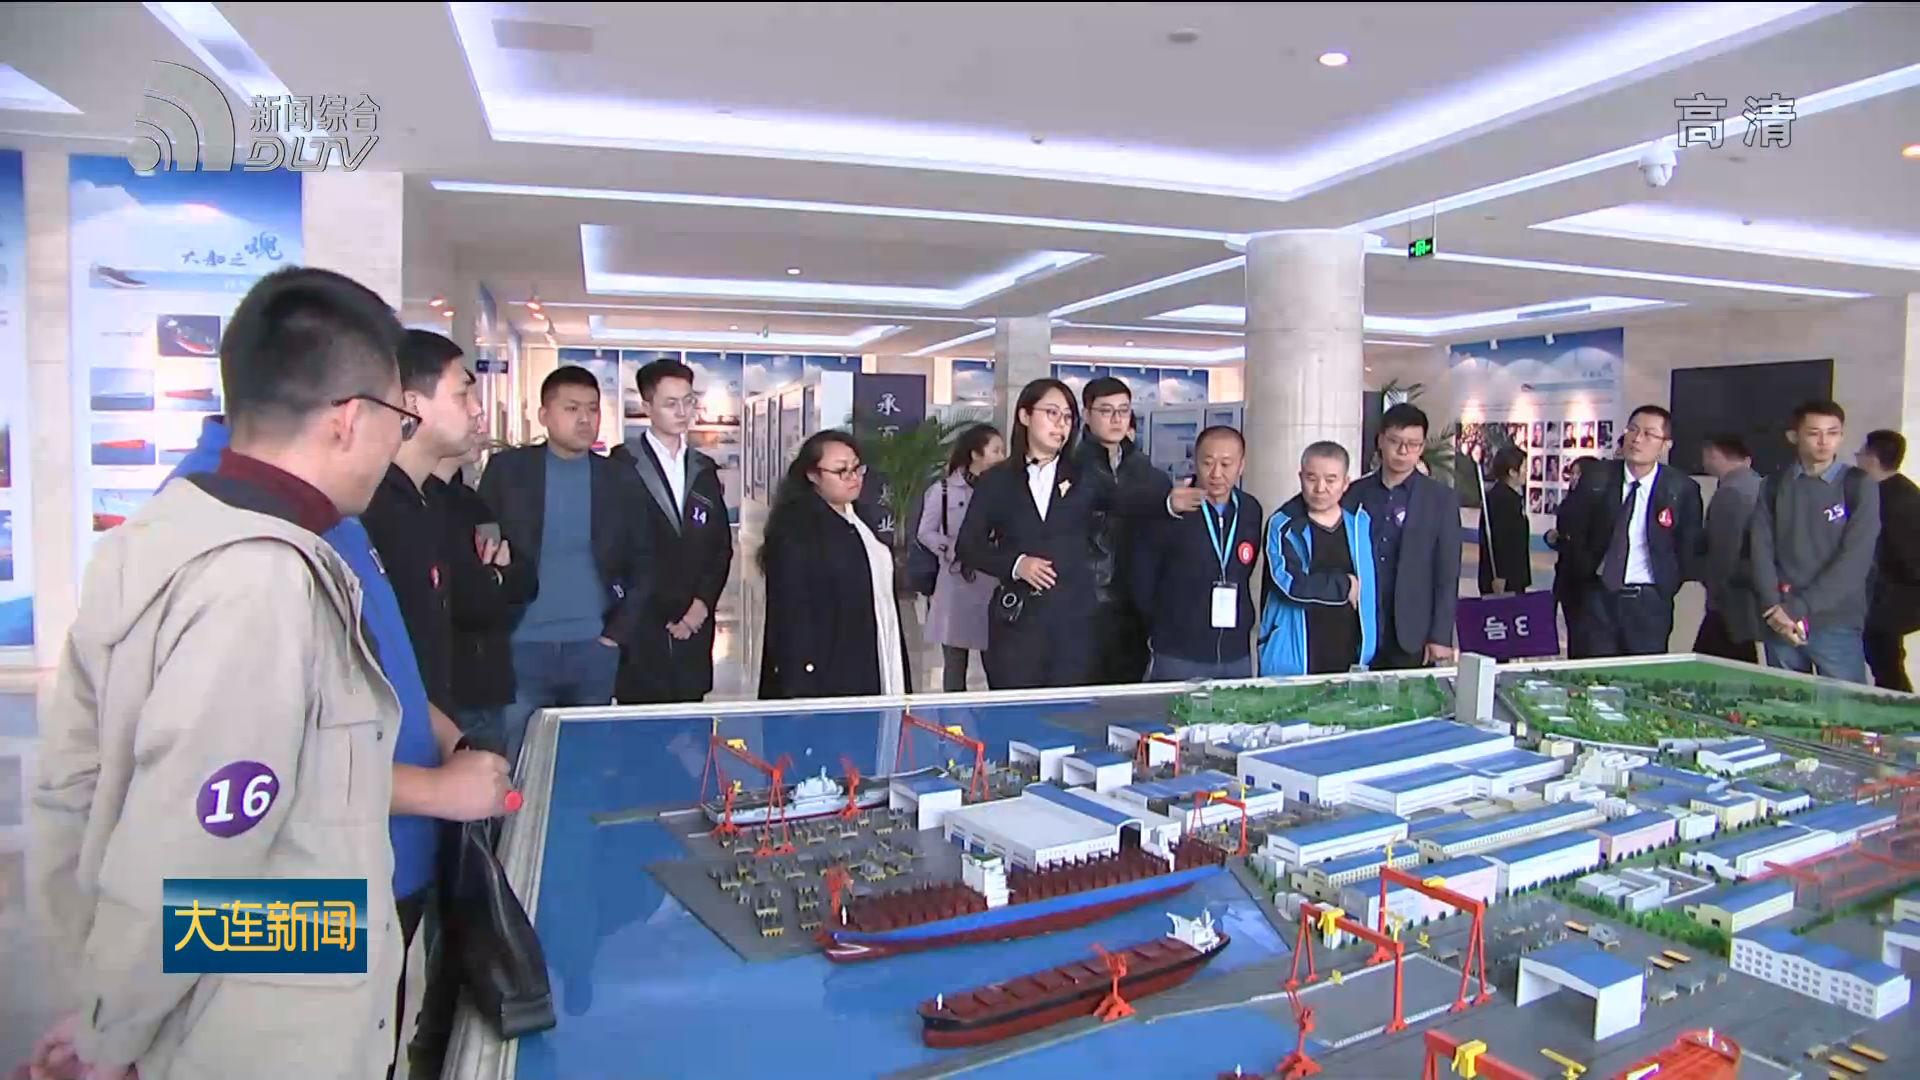 中国创新创业大赛明日在连启幕